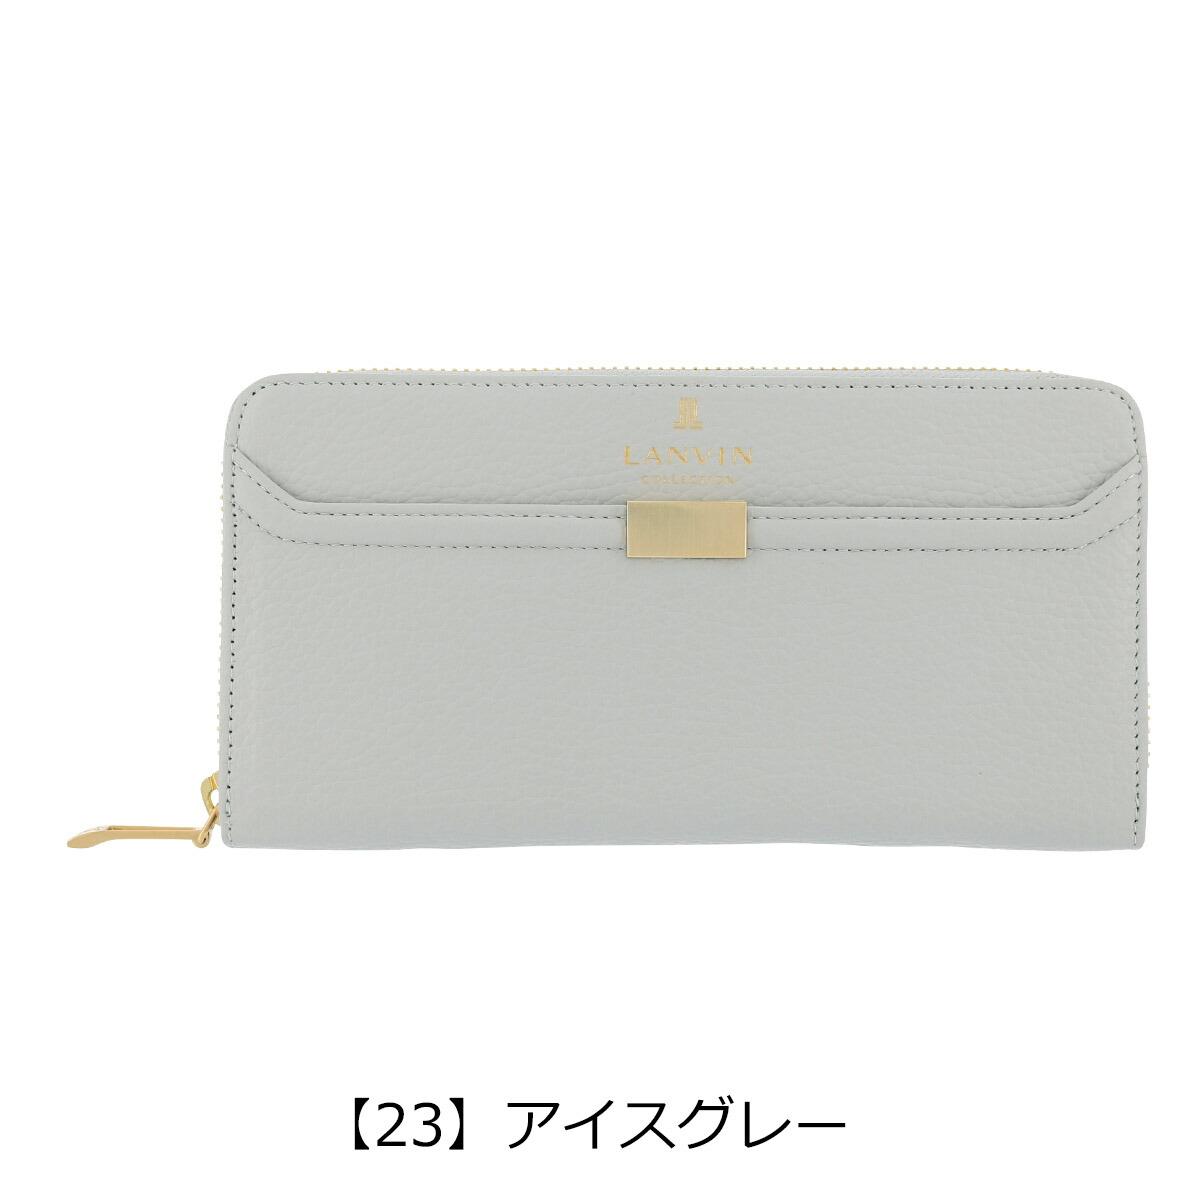 【23】アイスグレー